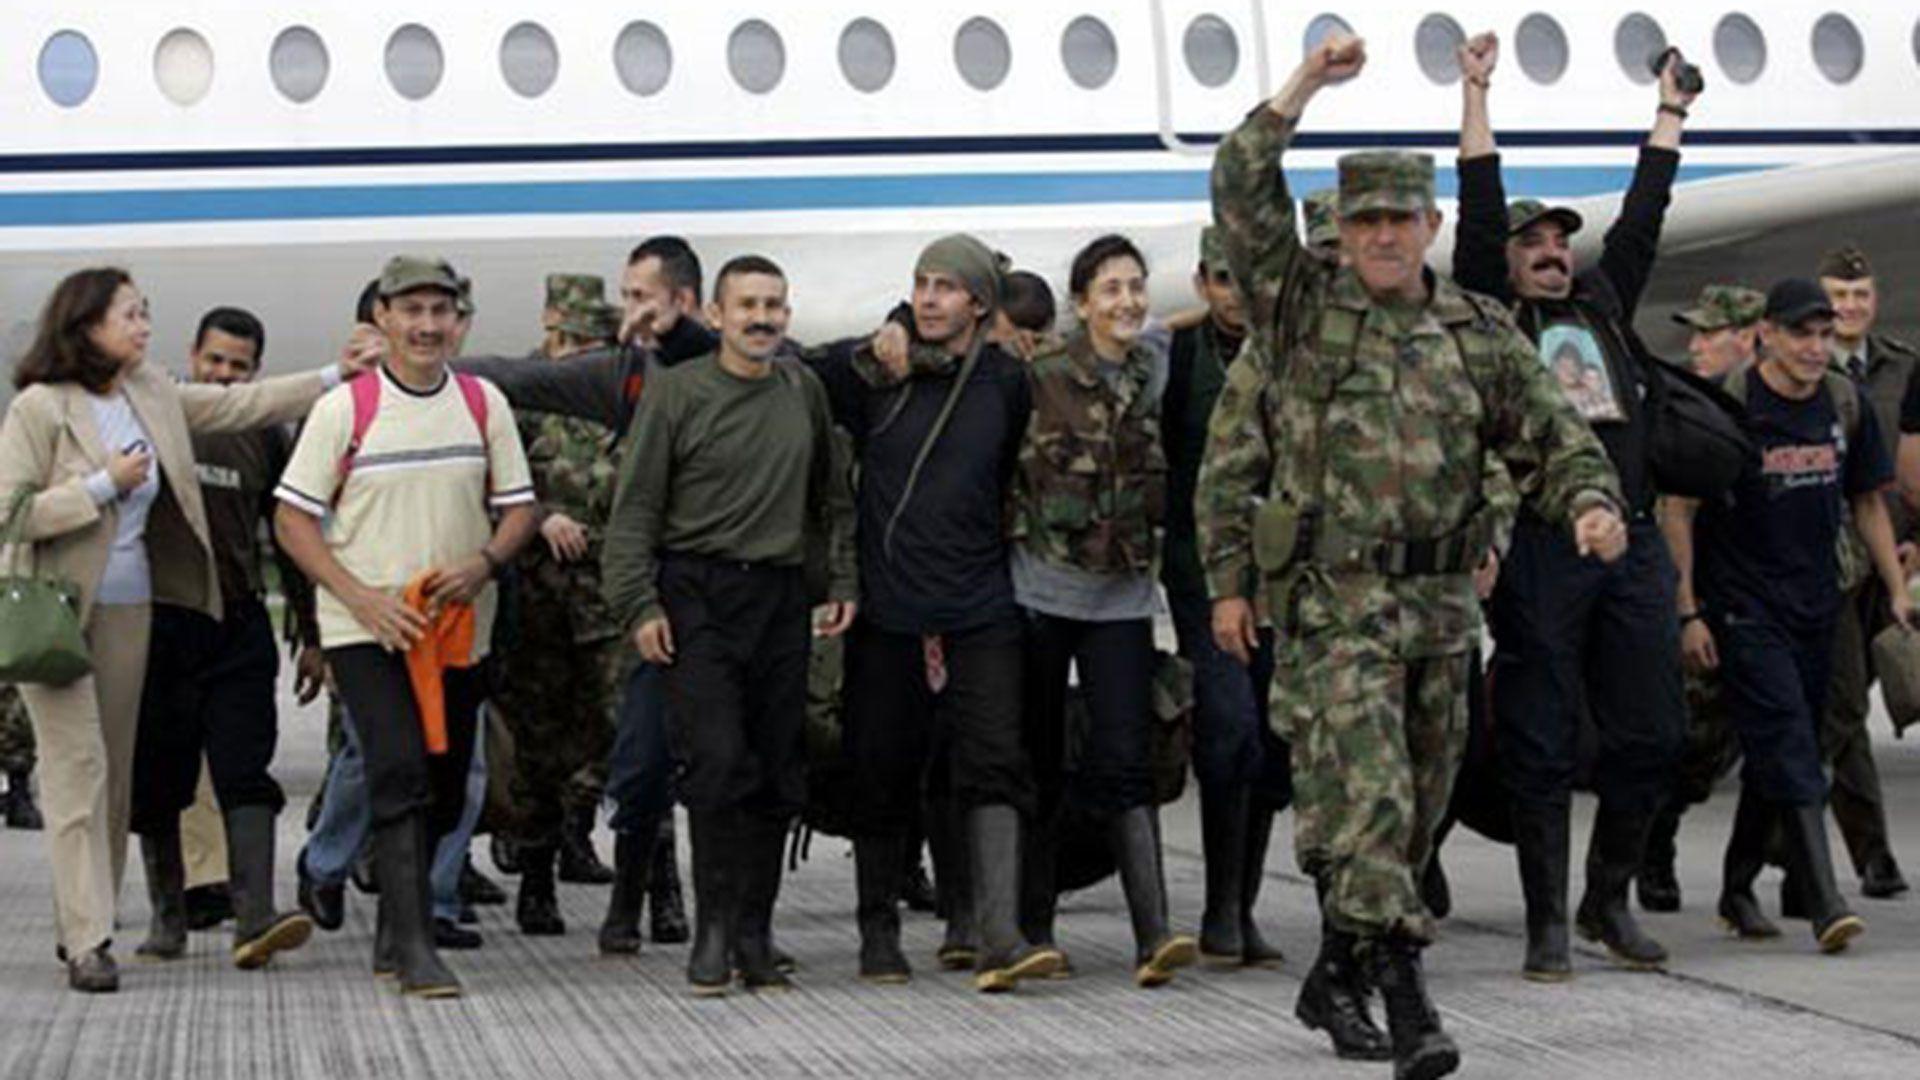 En la operación Jaque, realizada en 2008, se liberaron 15 secuestrados de las FARC, entre ellos Ingrid Betancourt y tres contratistas estadounidenses.